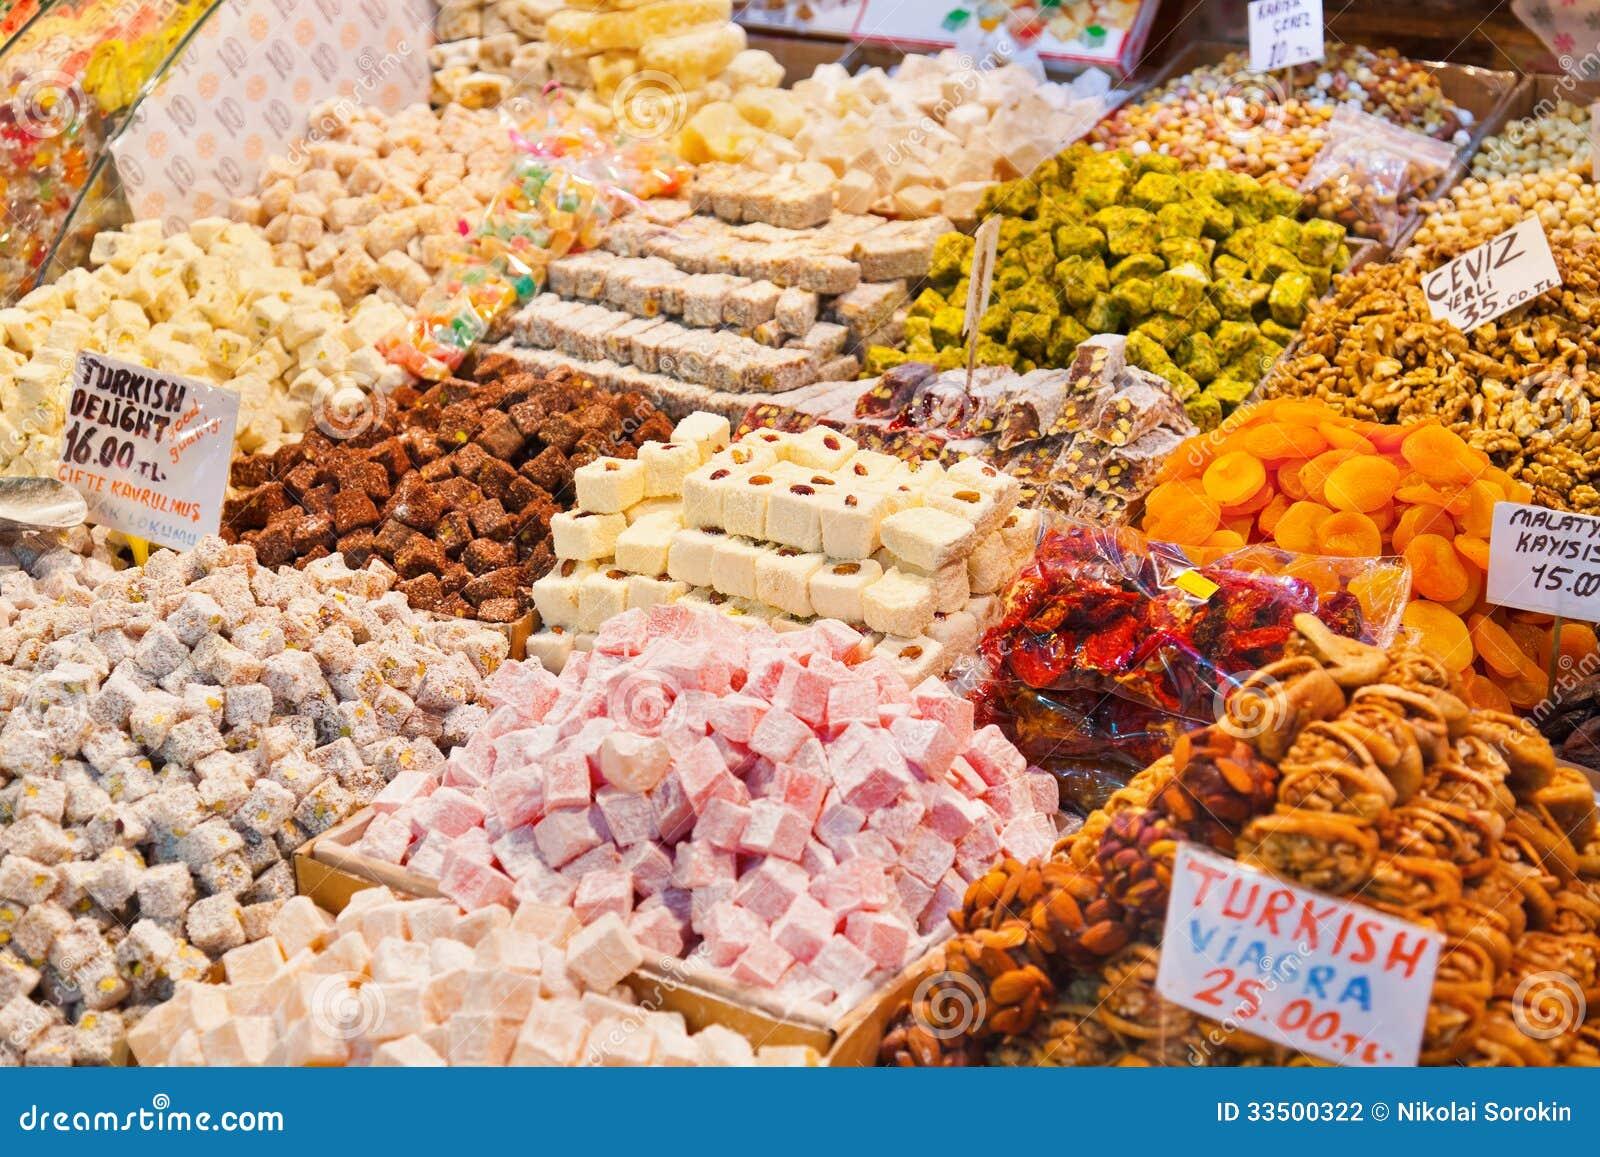 Tureckiego zachwyta cukierki